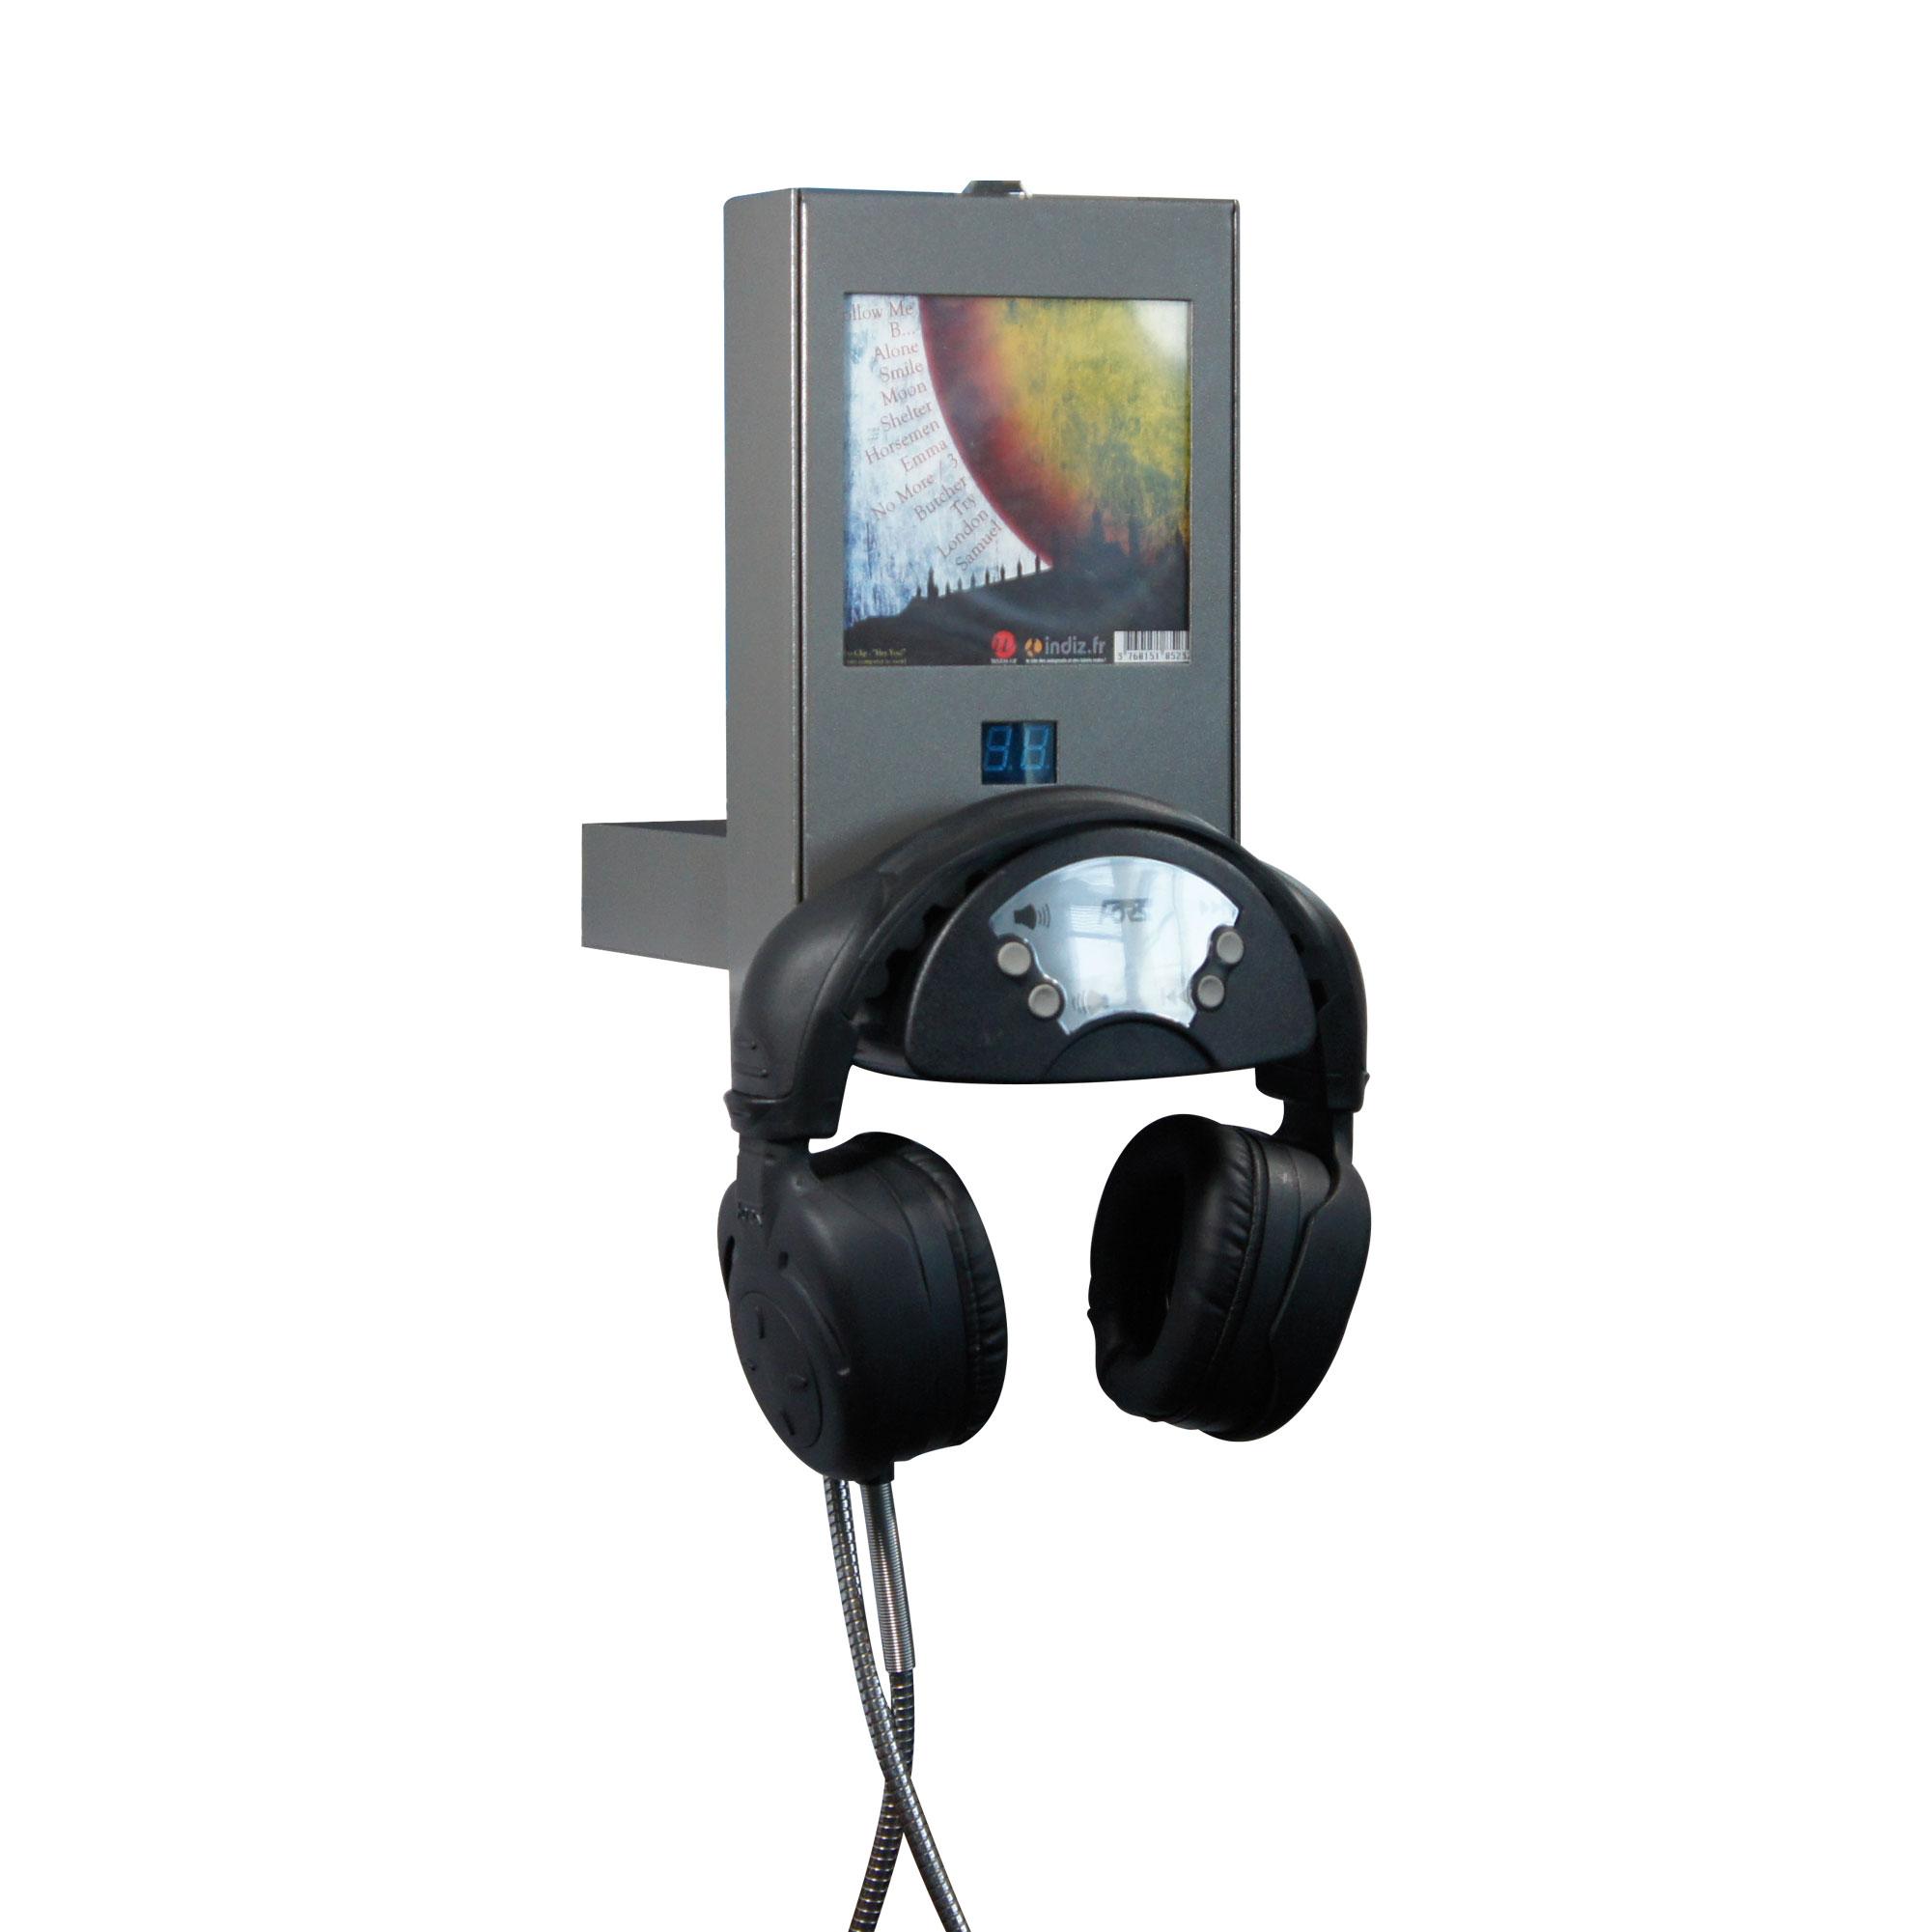 Borne d'écoute Monolux (1 CD)